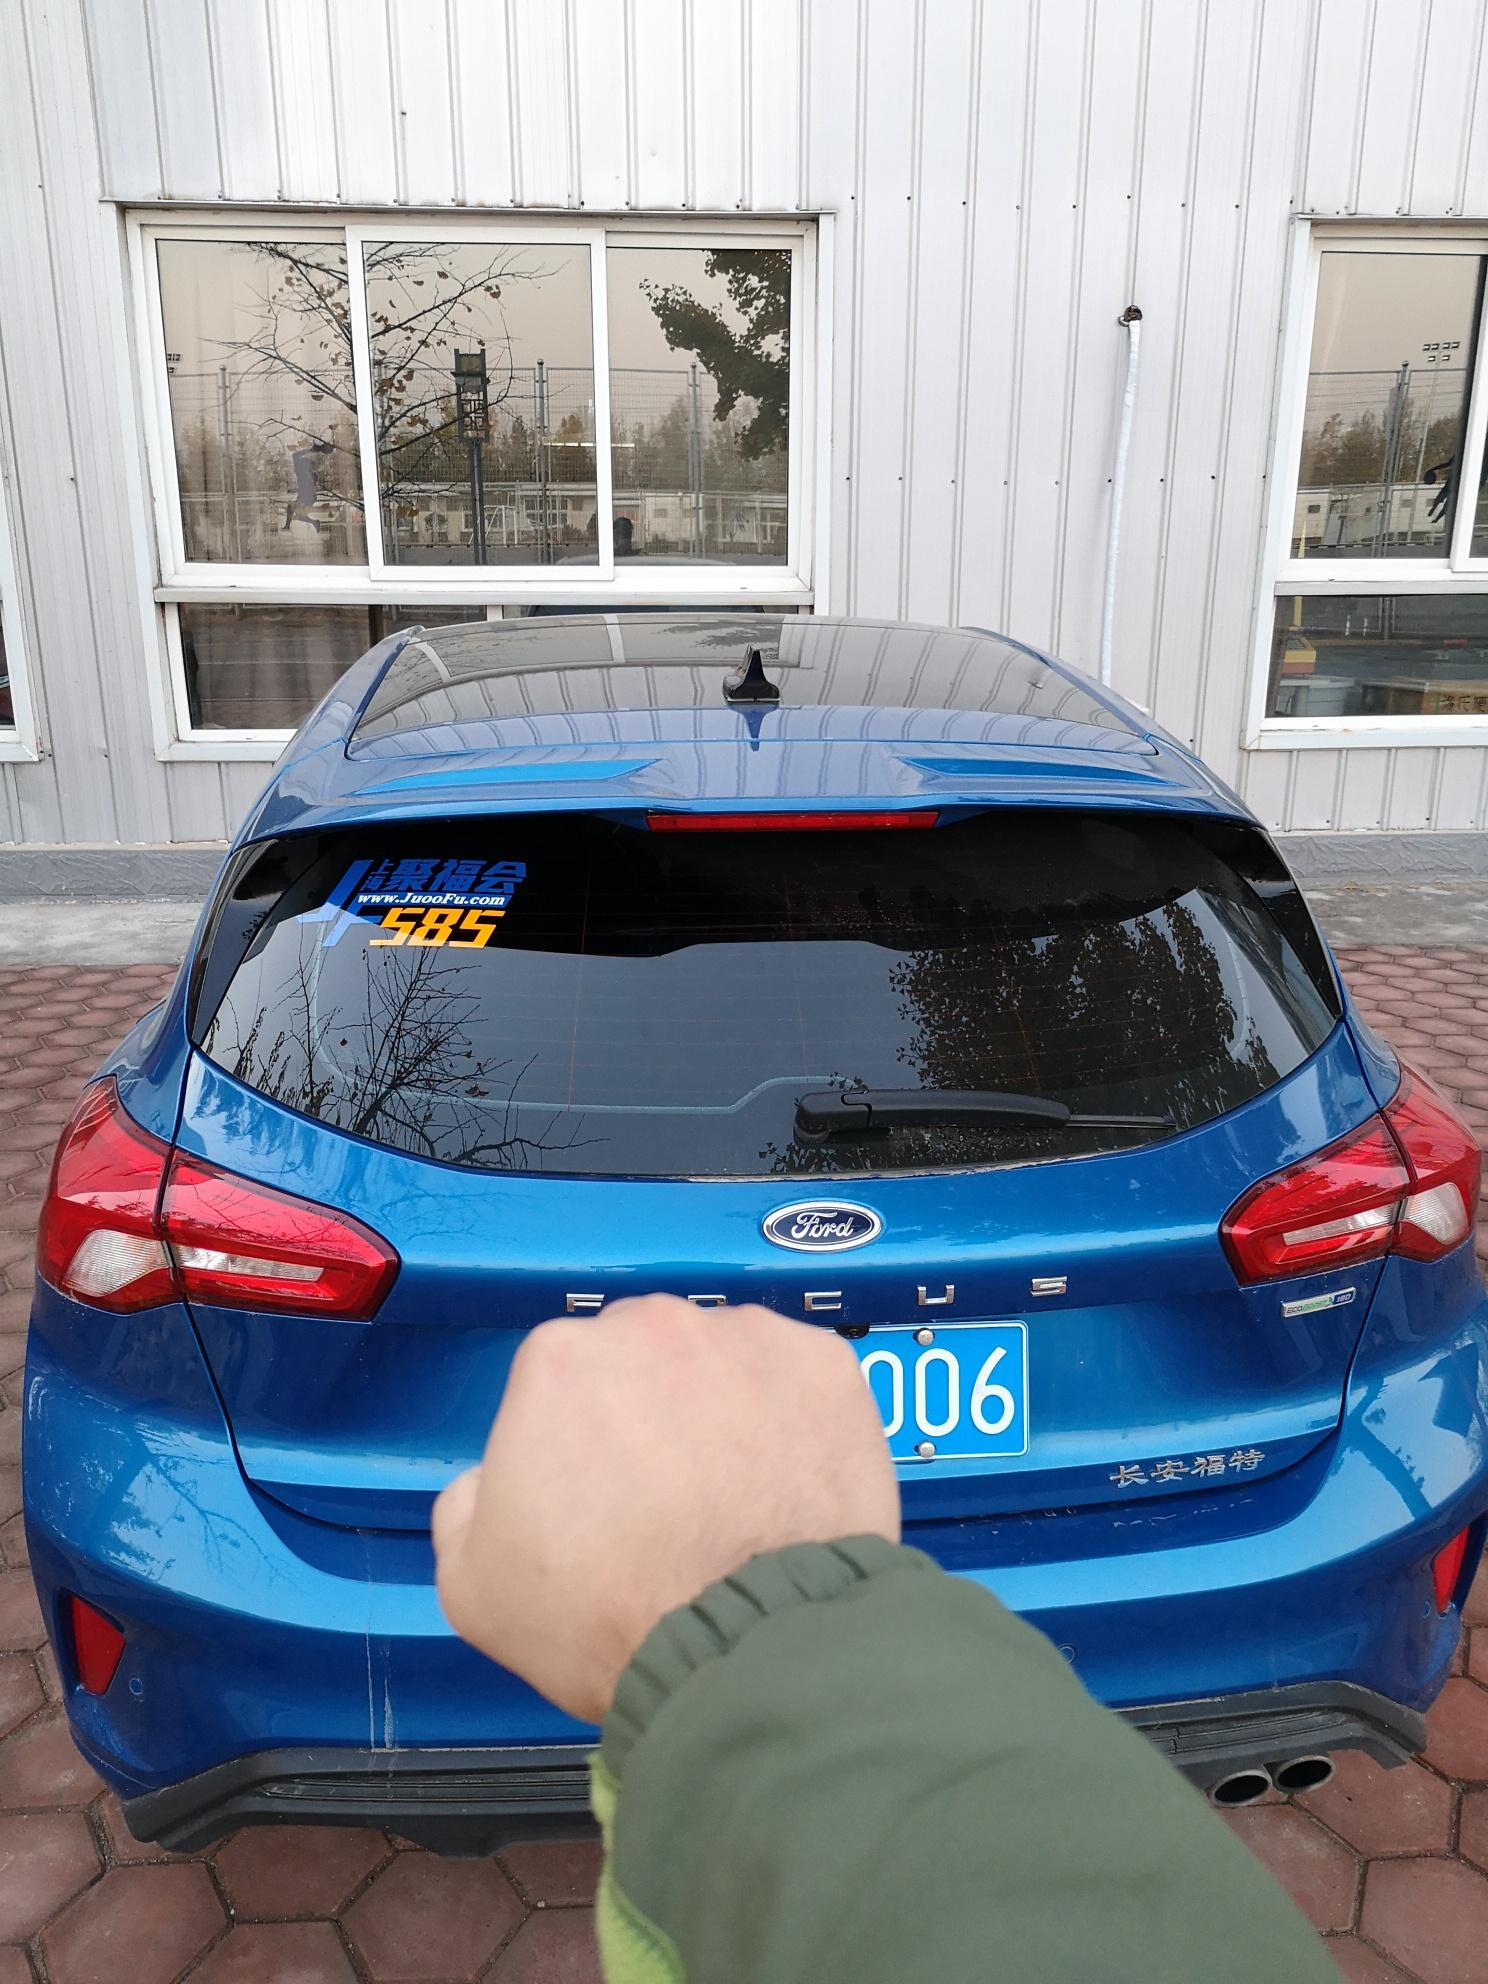 福特车友会车标申请规则6237 作者:姜立军 帖子ID:45